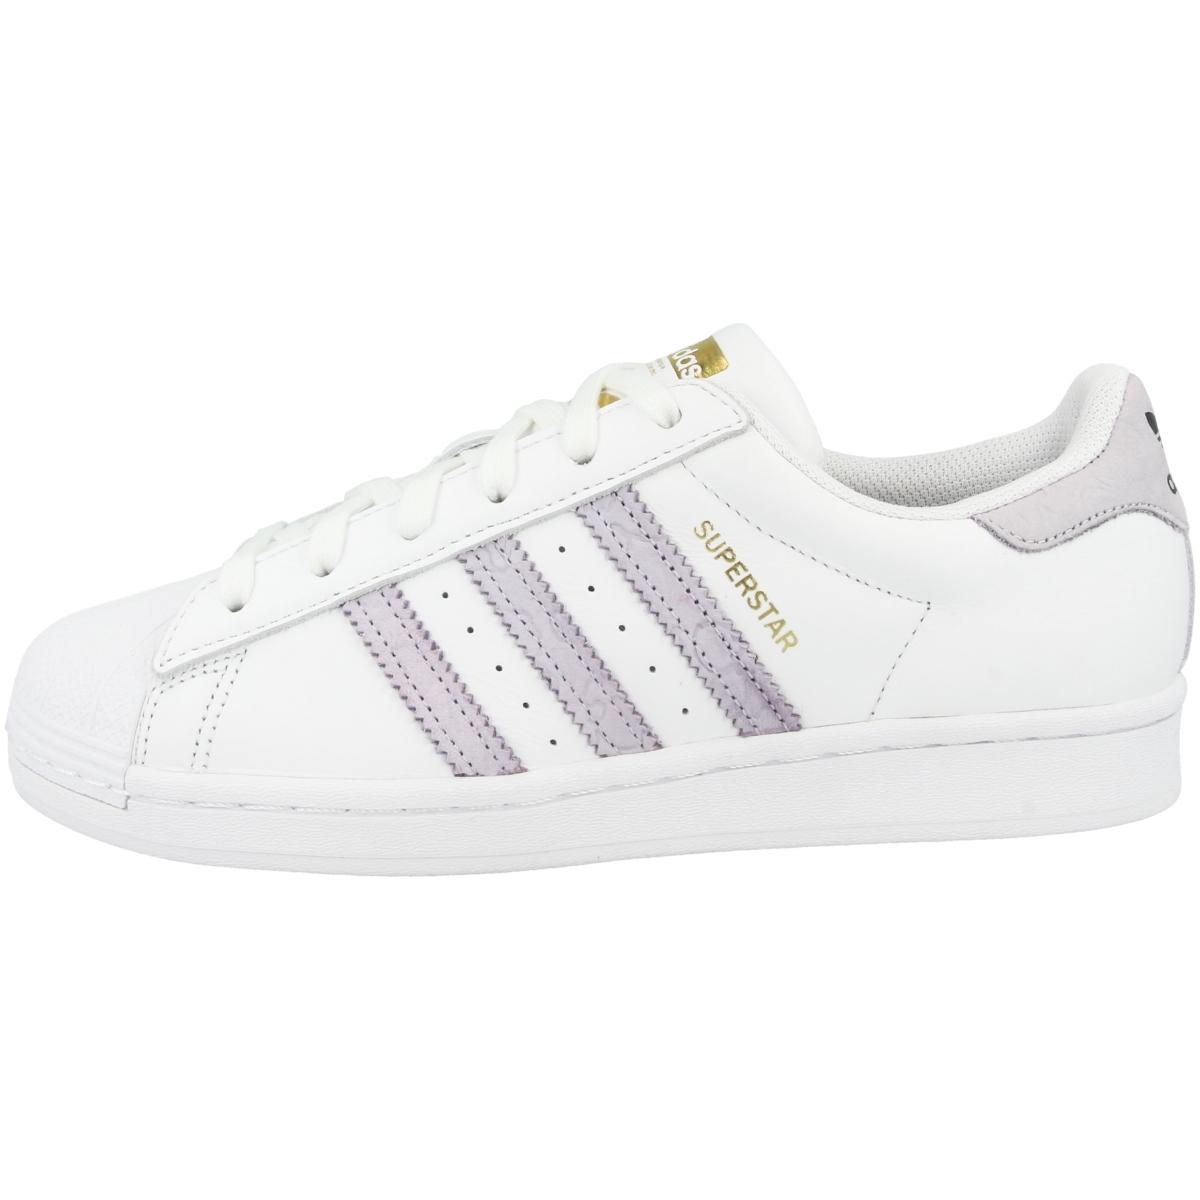 Adidas-Superstar-cortos-senora-Originals-ocio-zapatos-zapatillas-clasico miniatura 2